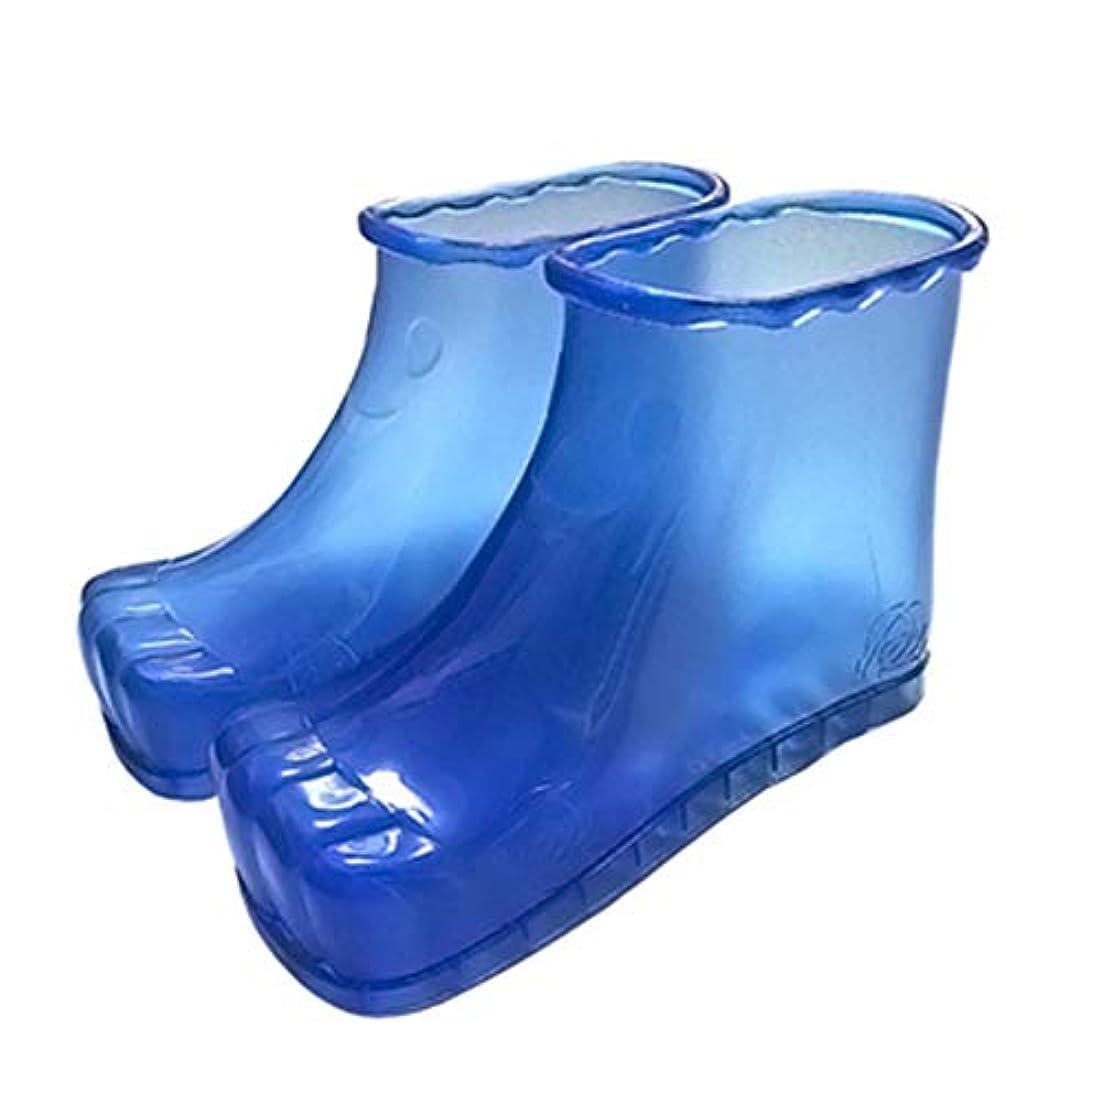 欠点に対応海藻足のマッサージ風呂靴、痛みを軽減足の痛みを和らげる疲れていて痛い足のバケツのブーツは、血液循環を促進する,Blue,42